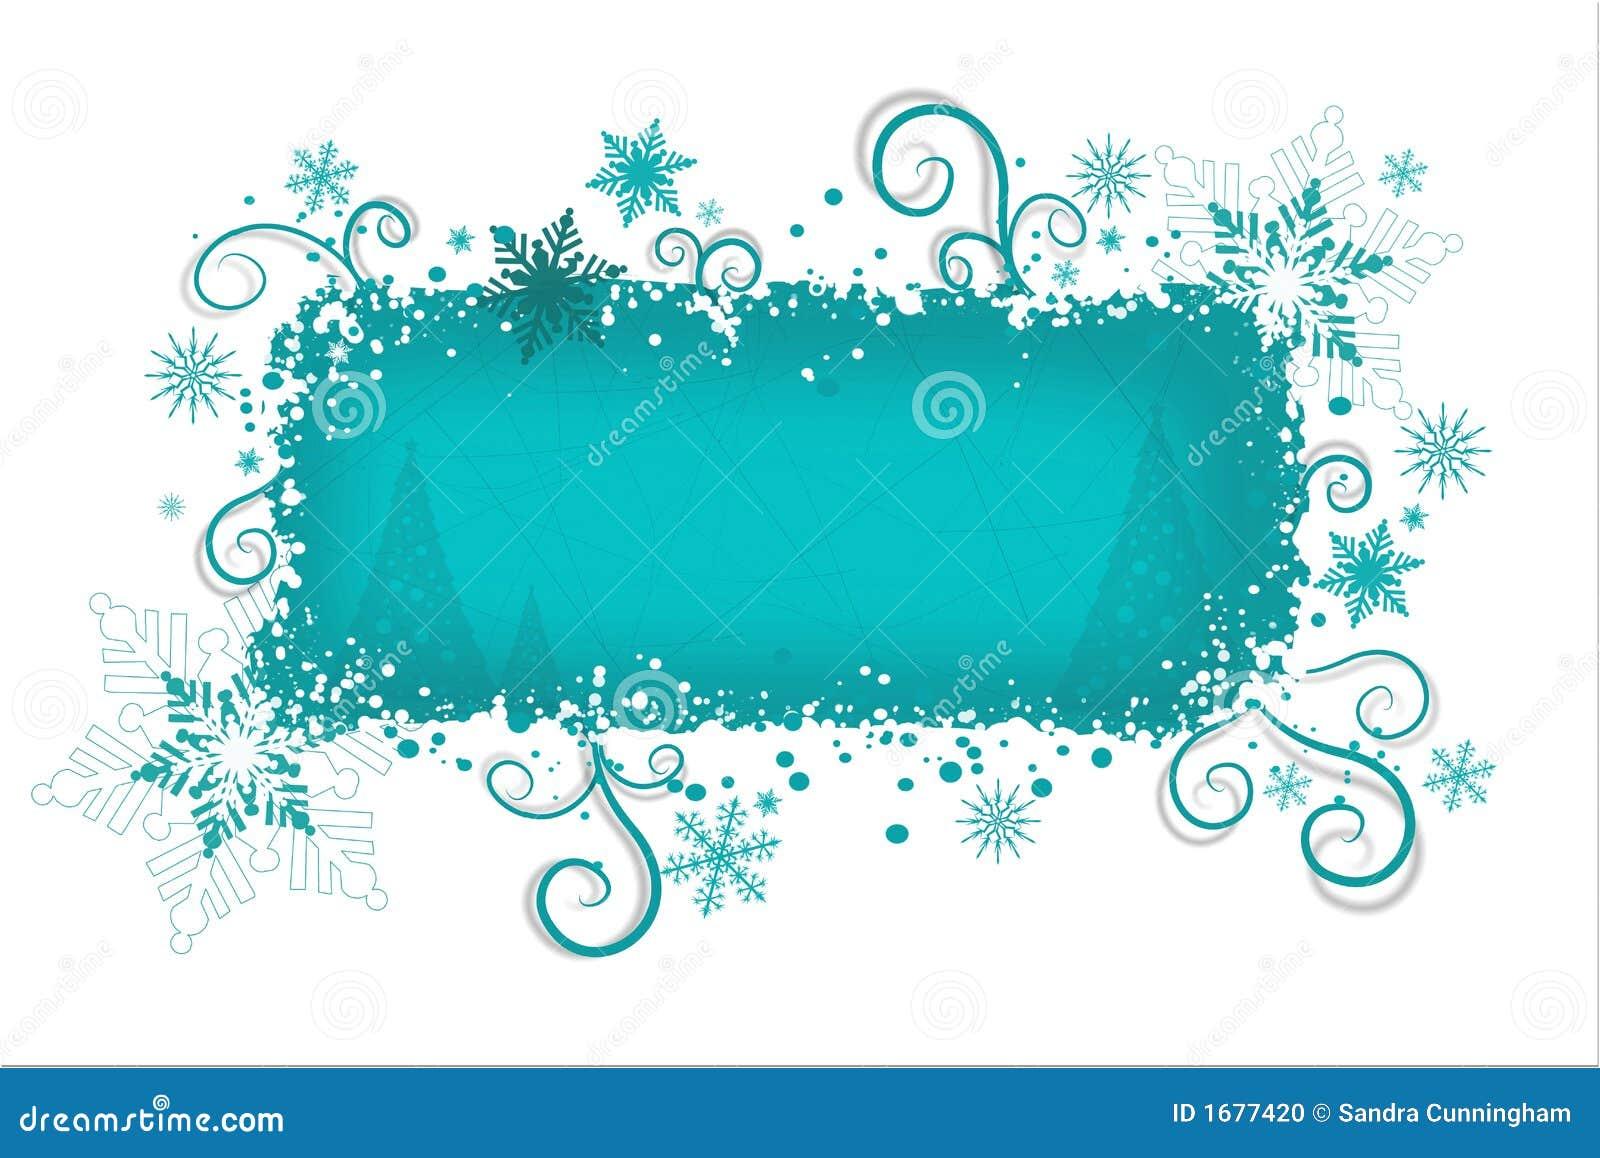 Aqua Christmas Background Stock Photo - Image: 1677420